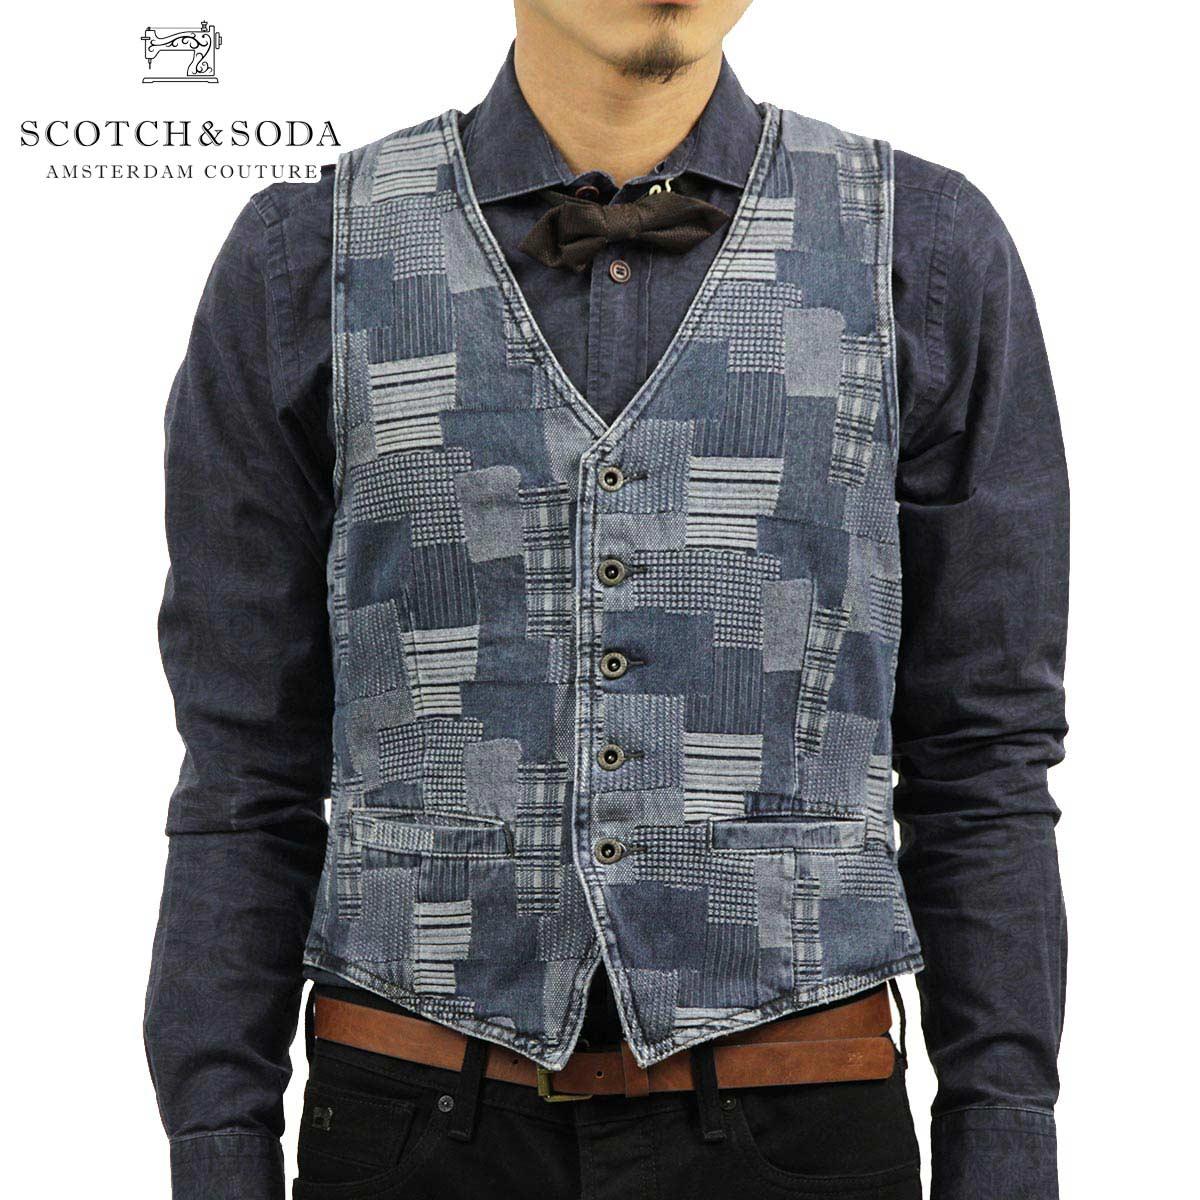 スコッチアンドソーダ SCOTCH&SODA 正規販売店 メンズ ジレ ベスト LOT 22 Japanese Jacquard Tailored Vest 30315 51